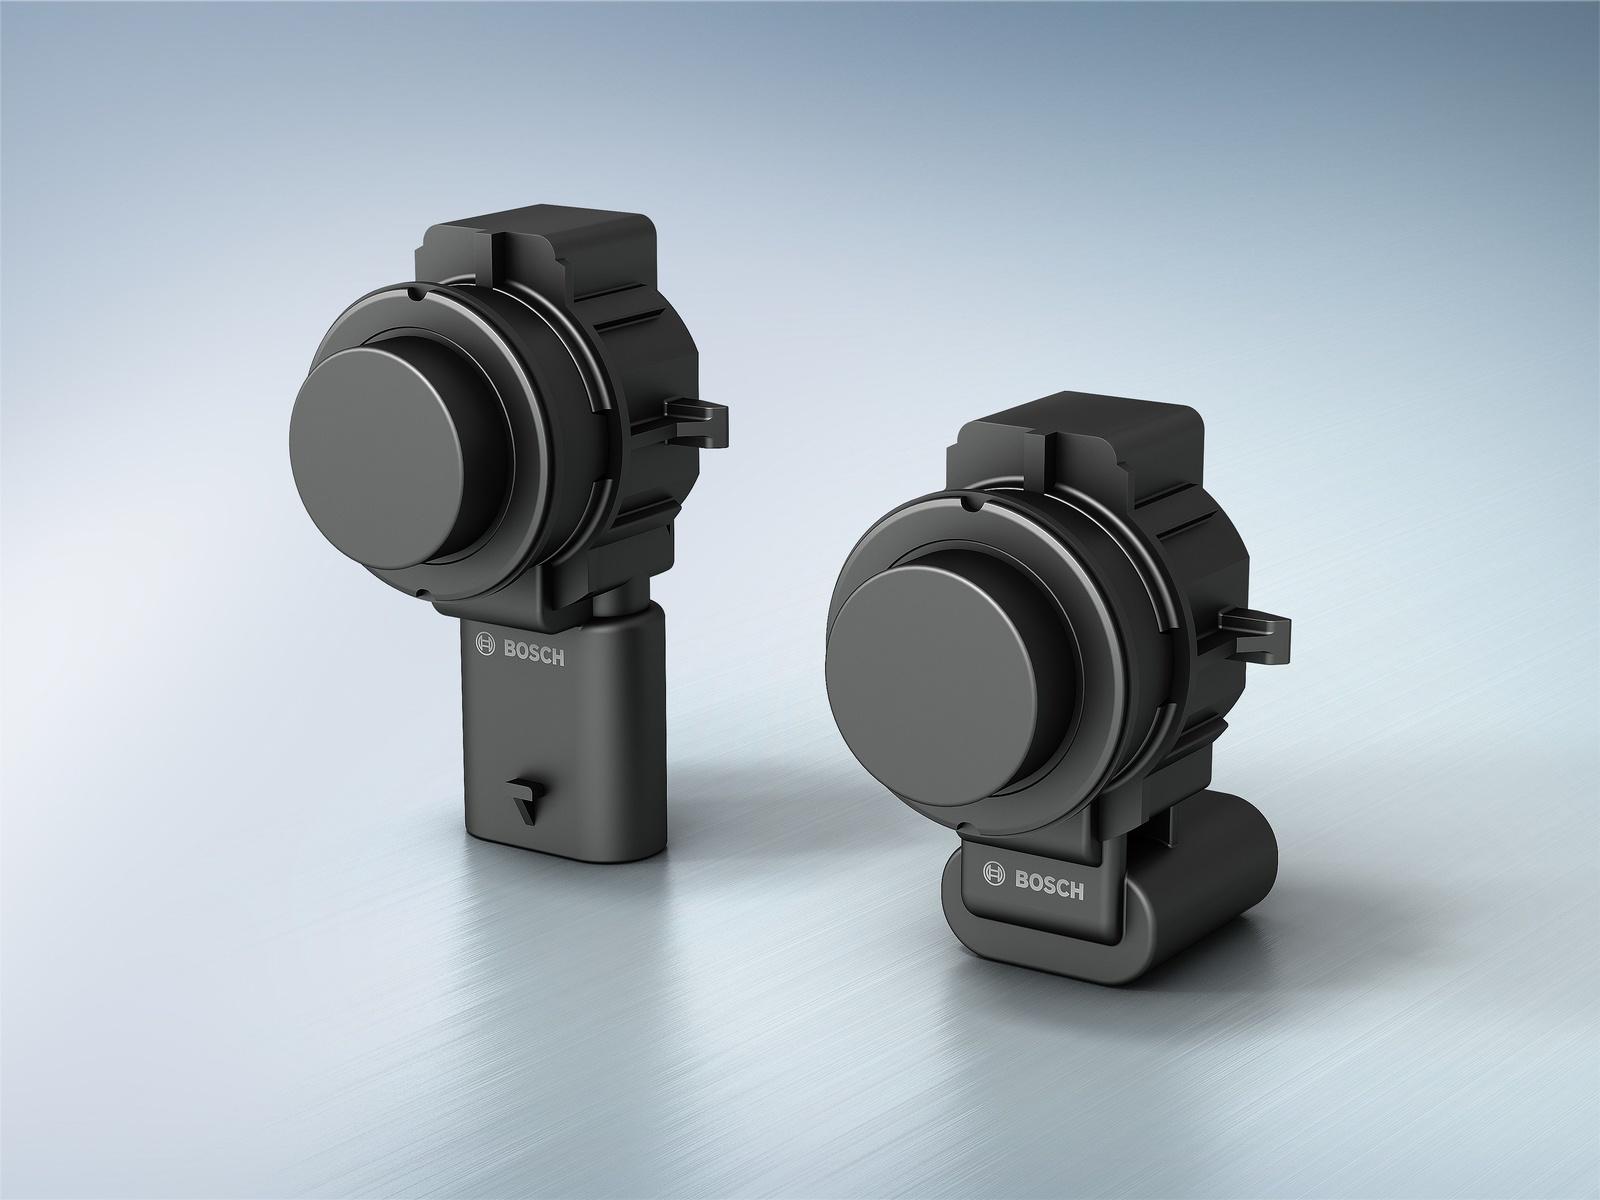 Ultraschallsensoren von Bosch